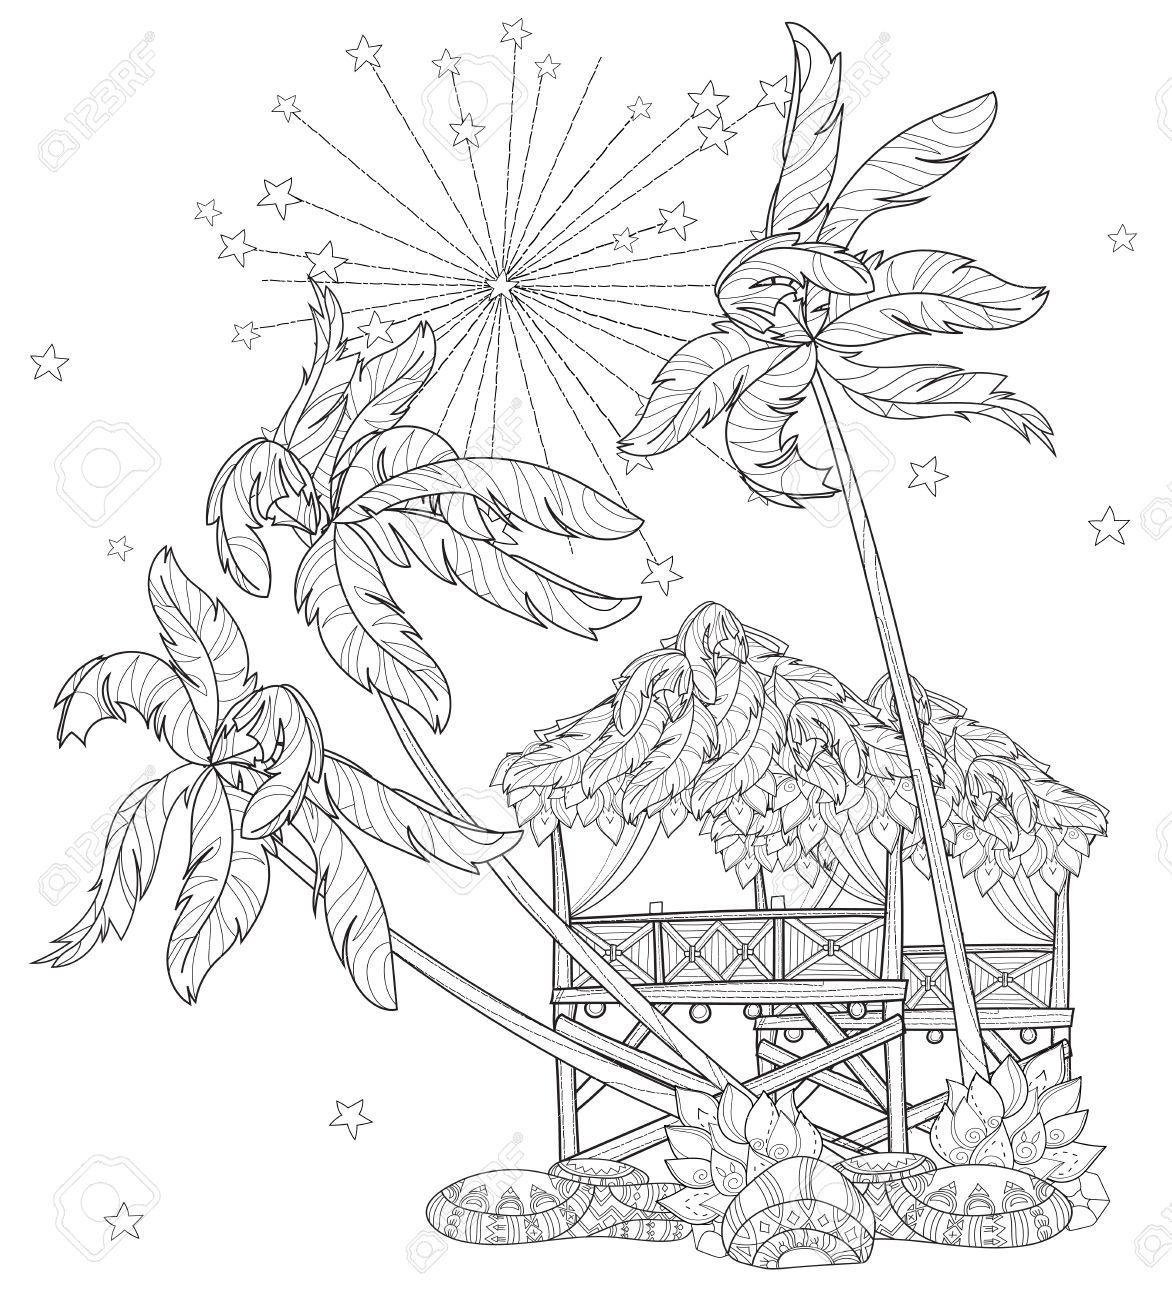 Mano Doodle Esquema En árbol De Palma, Ciudad De Dibujos Animados De ...